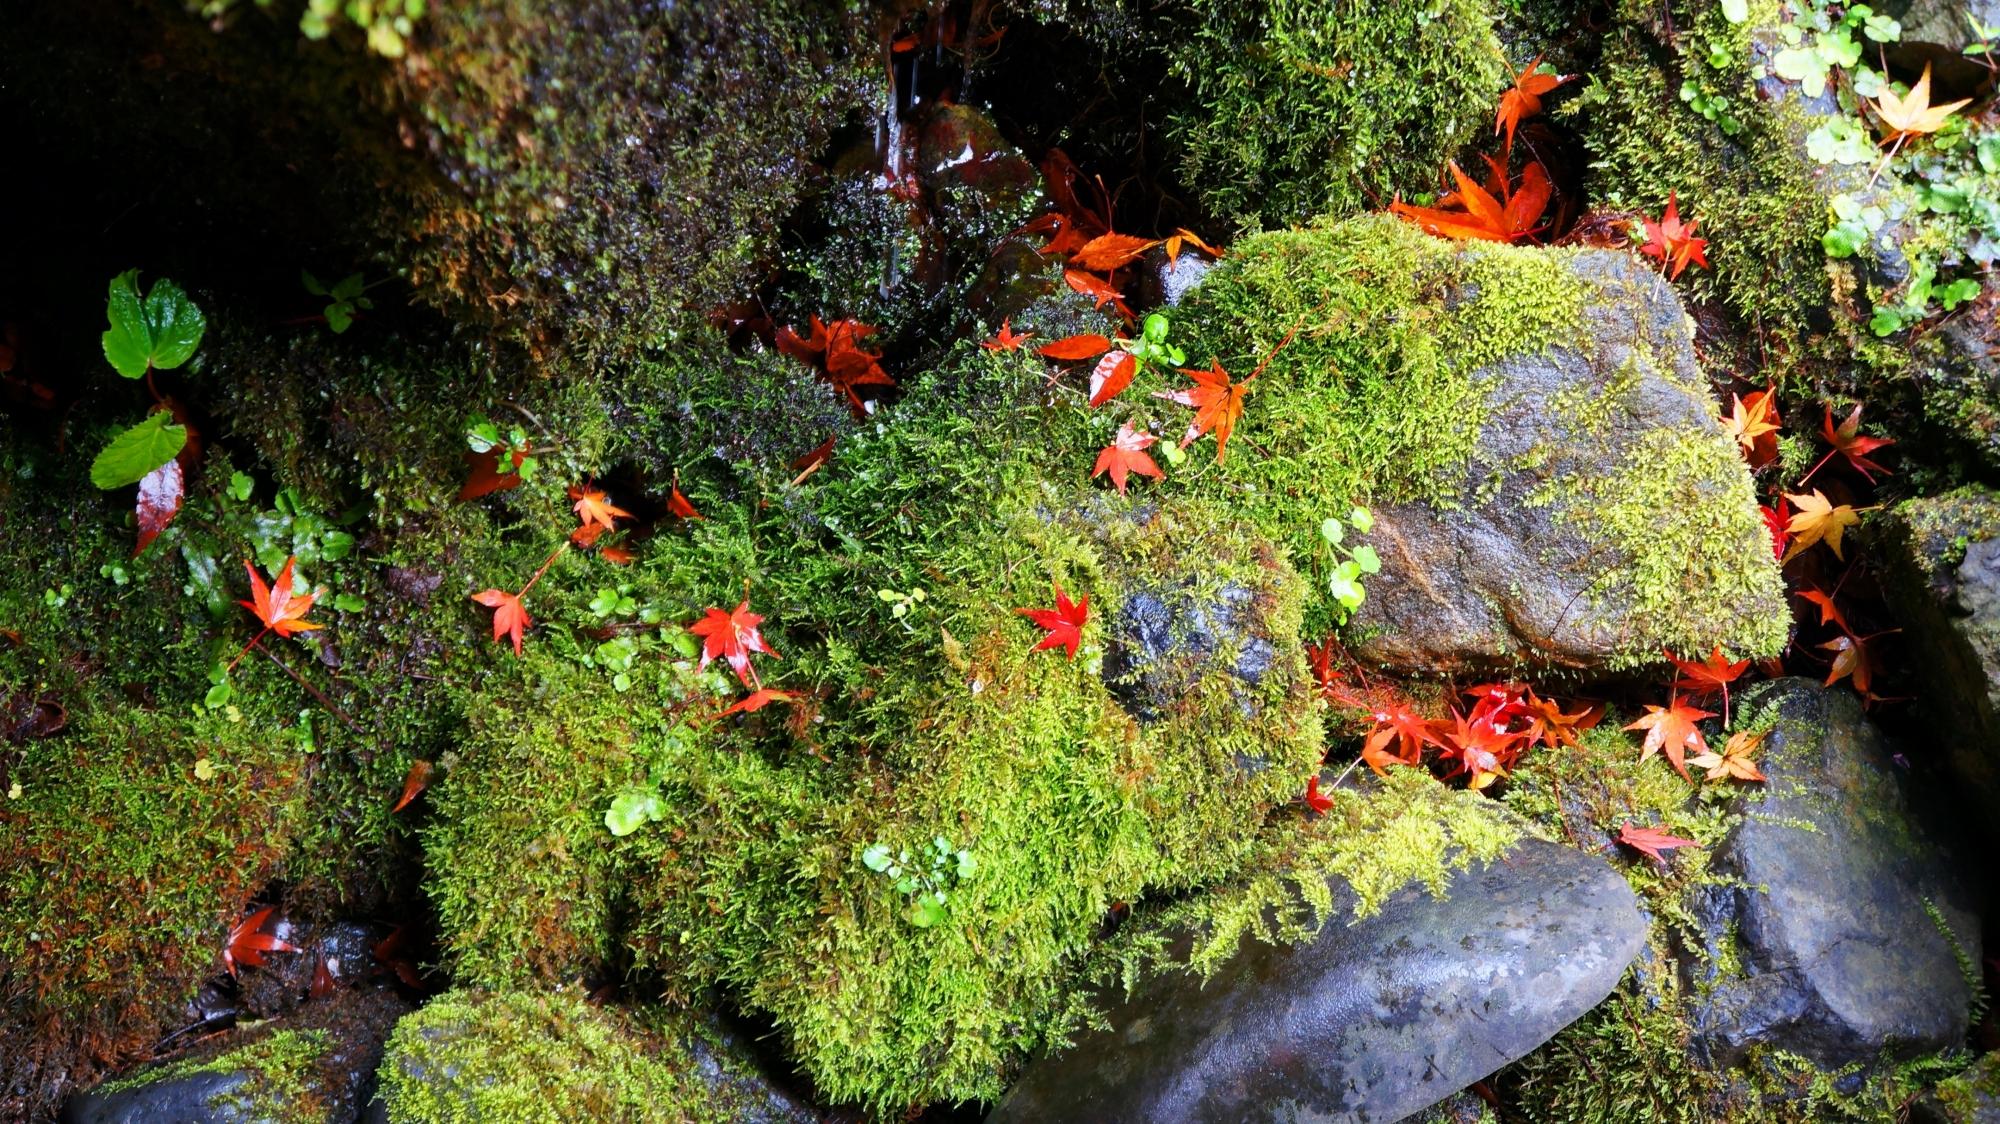 鮮やかな緑の苔に散る赤い紅葉